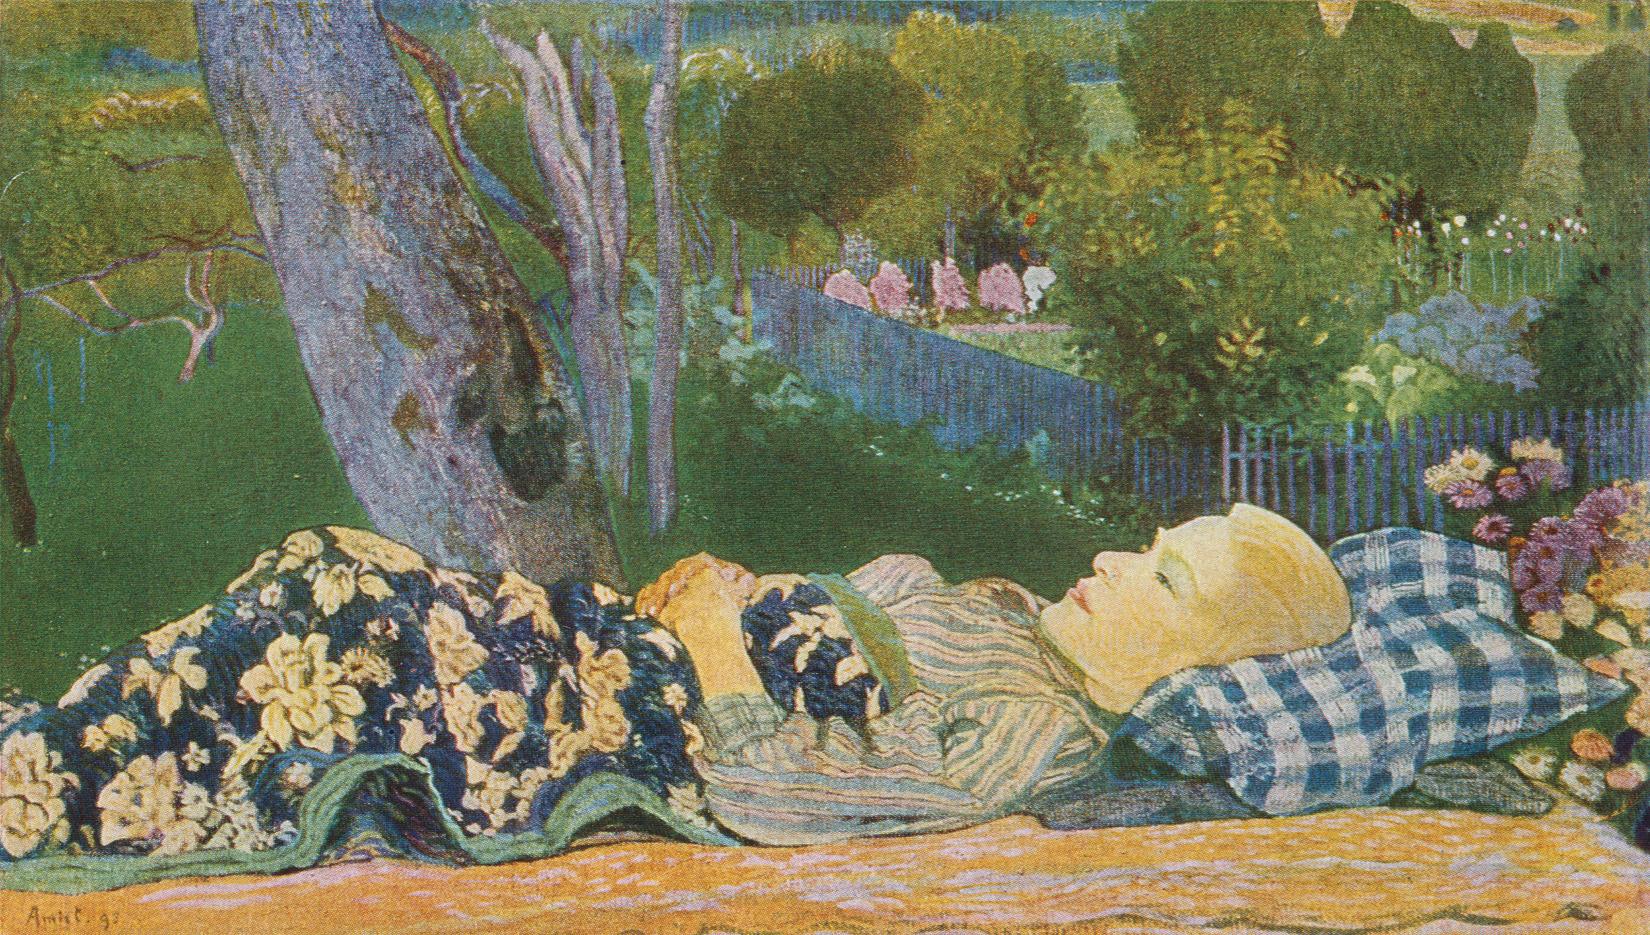 Cuno Amiet, der Kranke Knabe, 1895, verbrannt in München, 1931